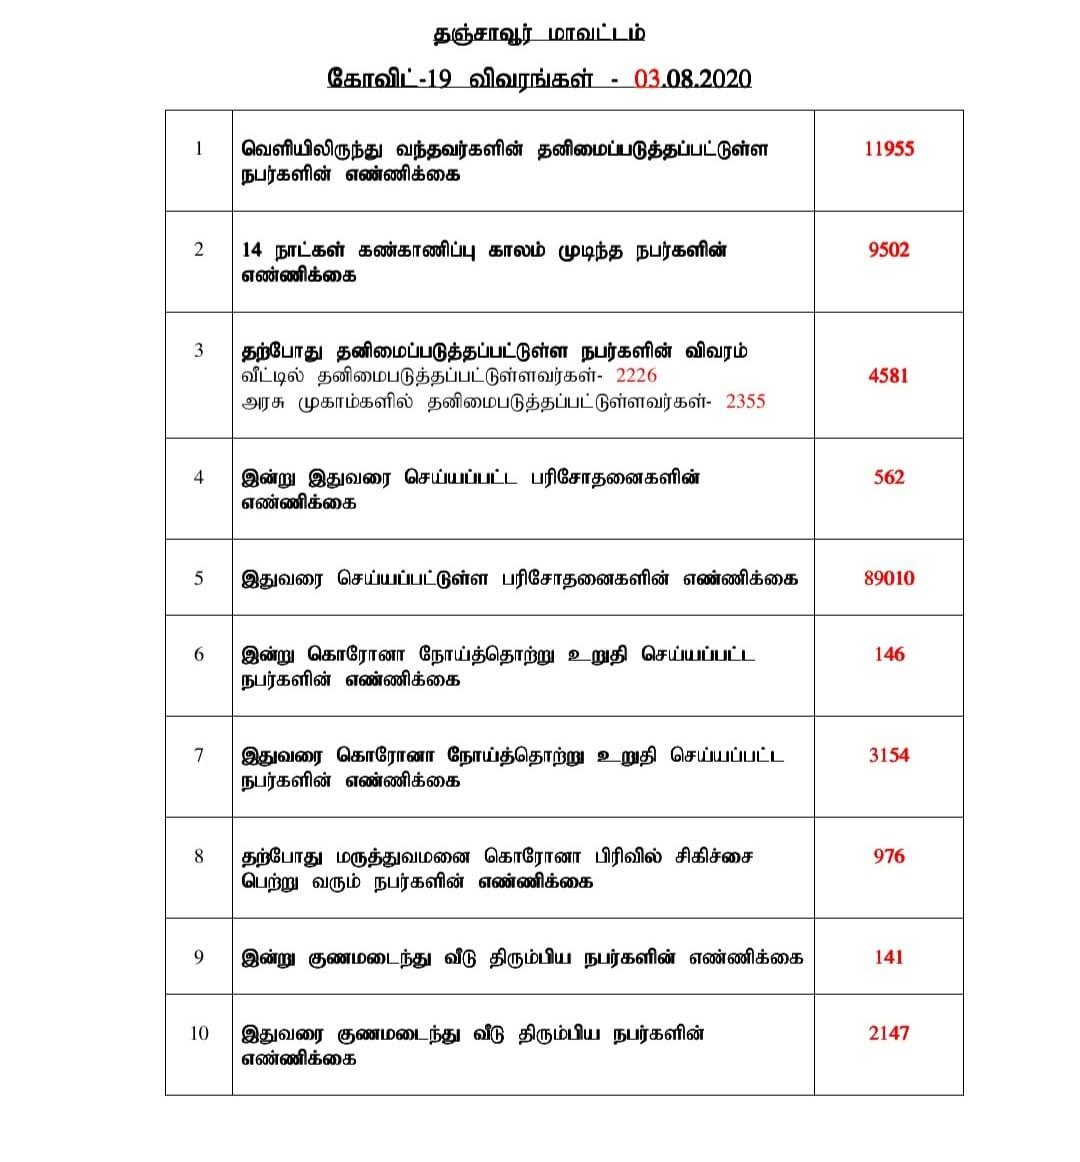 தஞ்சாவூர் மாவட்ட கோவிட்-19 தொற்று விவரங்கள் (03-08-2020) #Lockdown #TamilNadu #Corona #StaySafe #COVID19 #TN https://t.co/aCM4FhAl6E